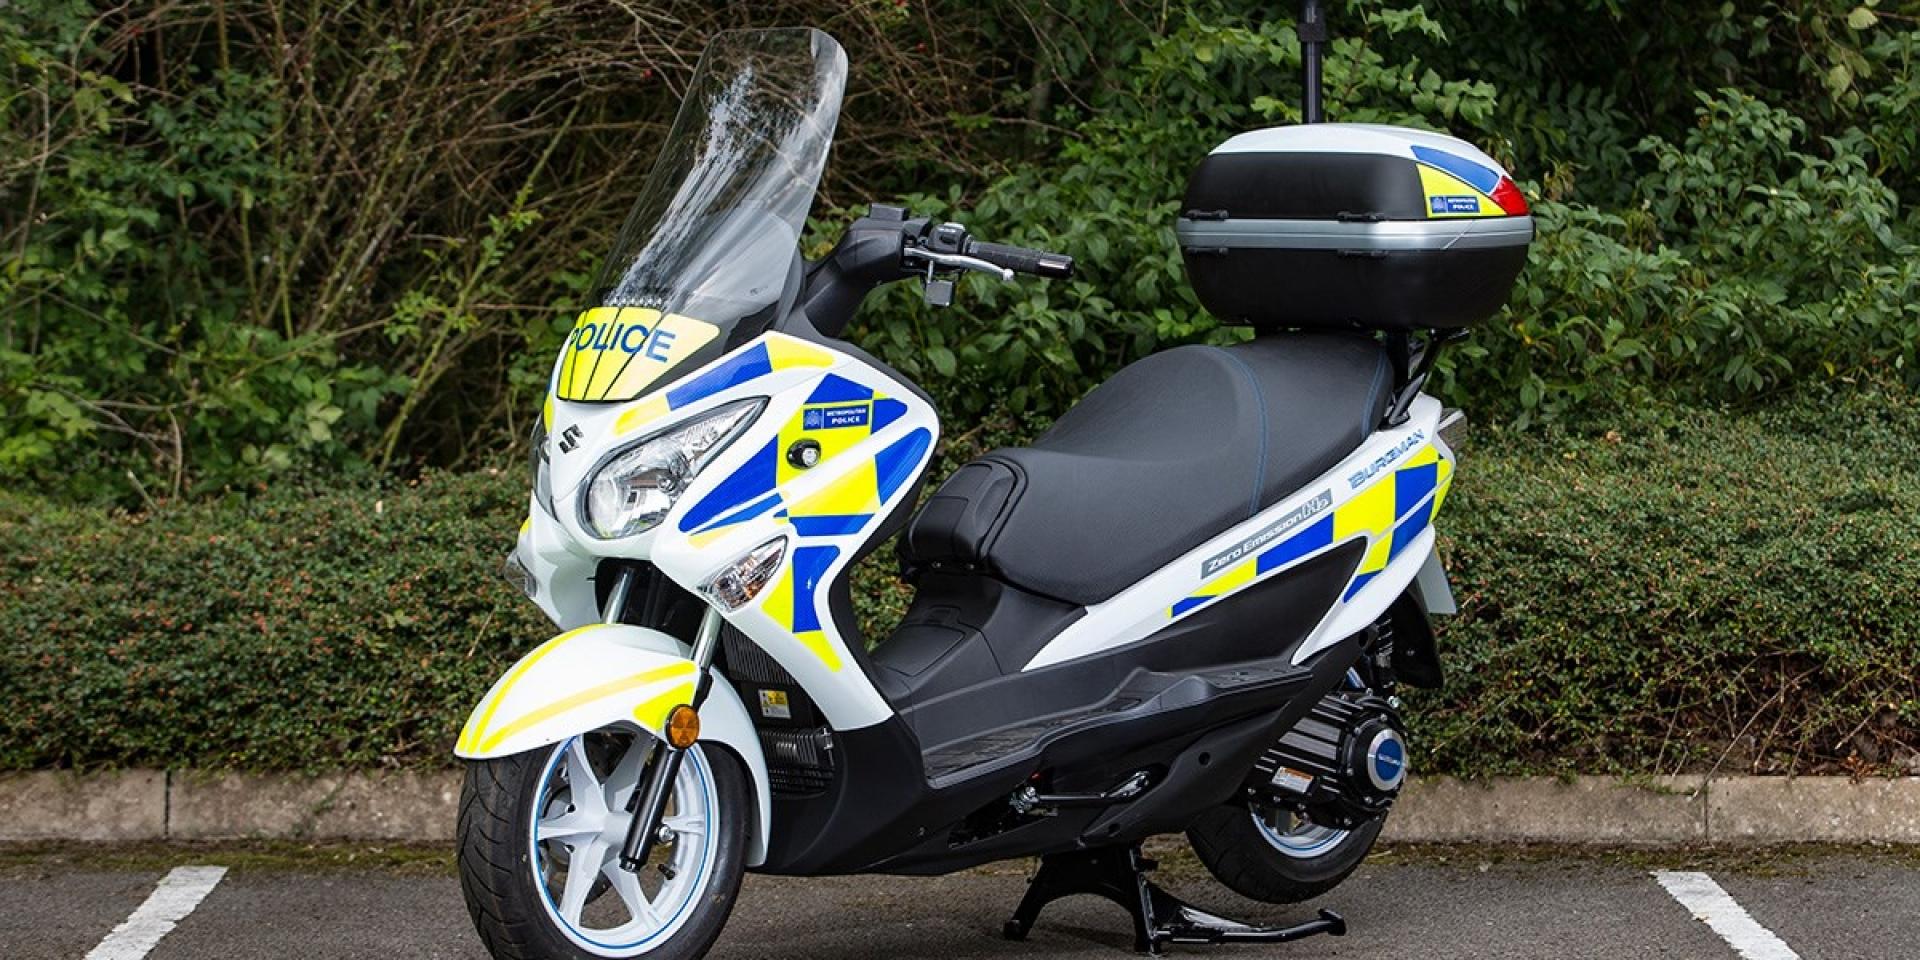 警察跟上節能潮流,倫敦警方採用Suzuki氫燃料電動機車